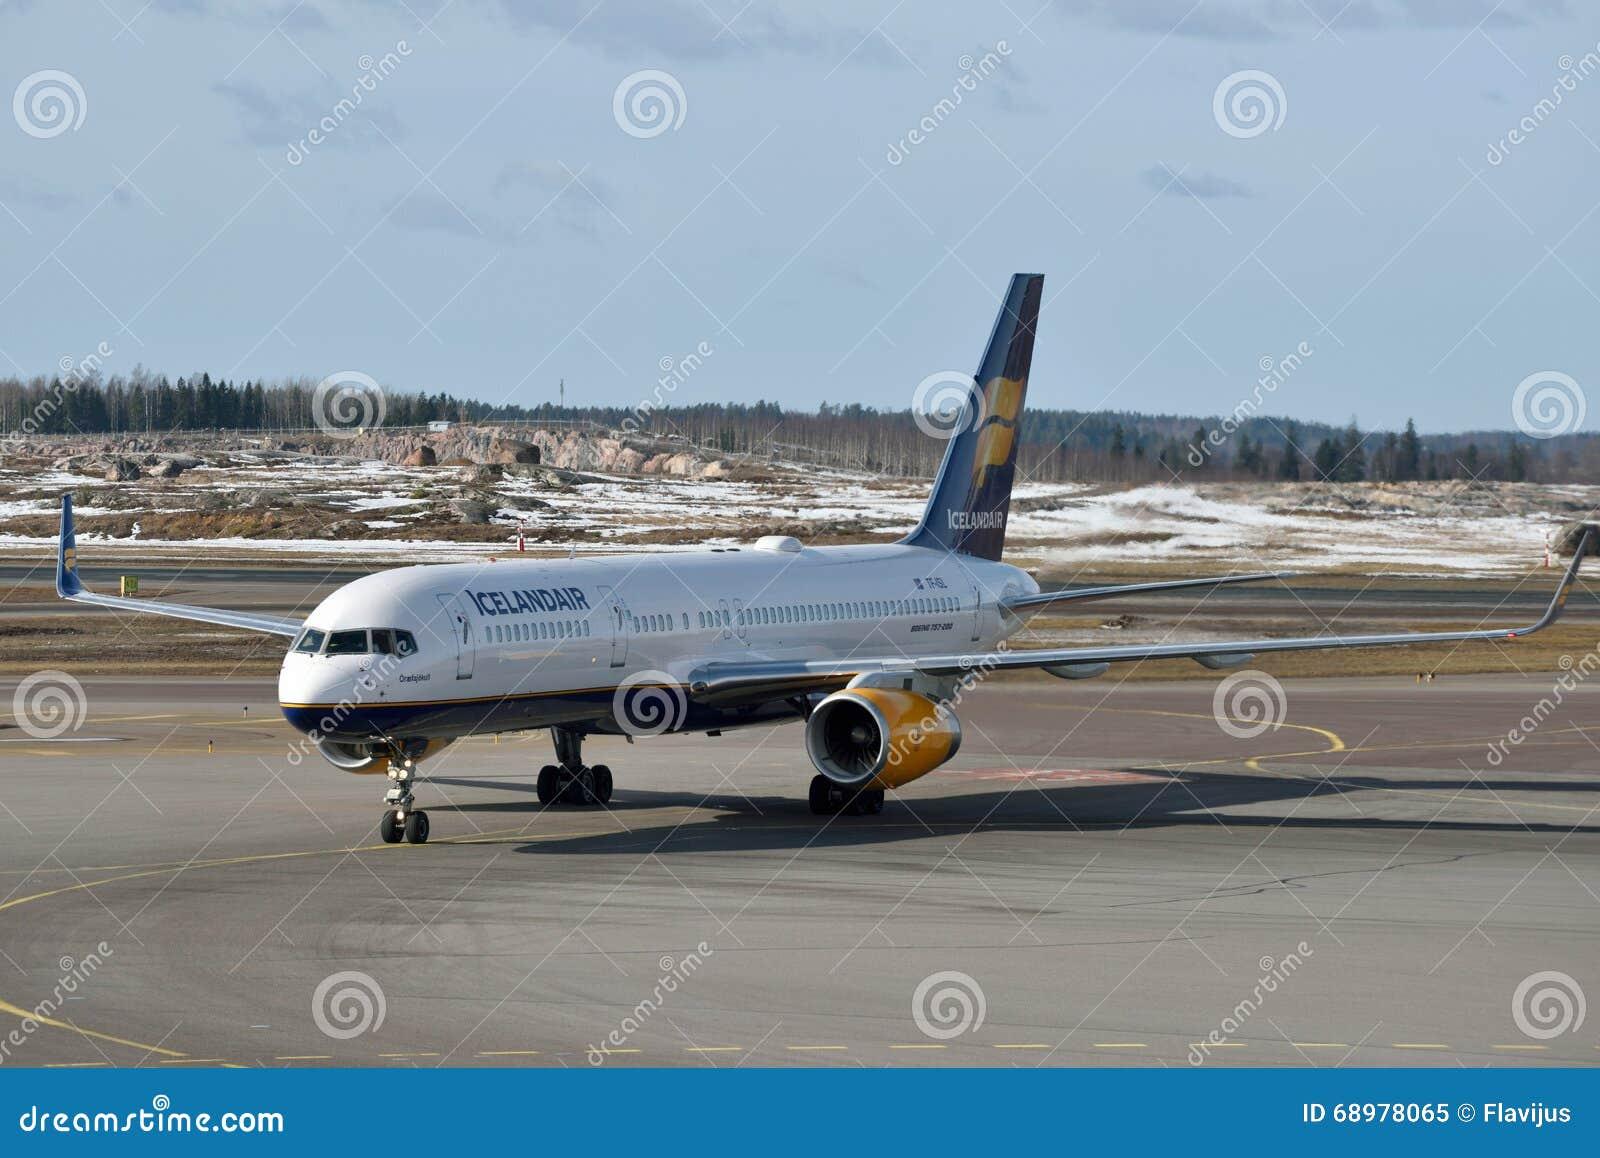 Icelandair Boeing 757-200 en el aeropuerto internacional de Helsinki